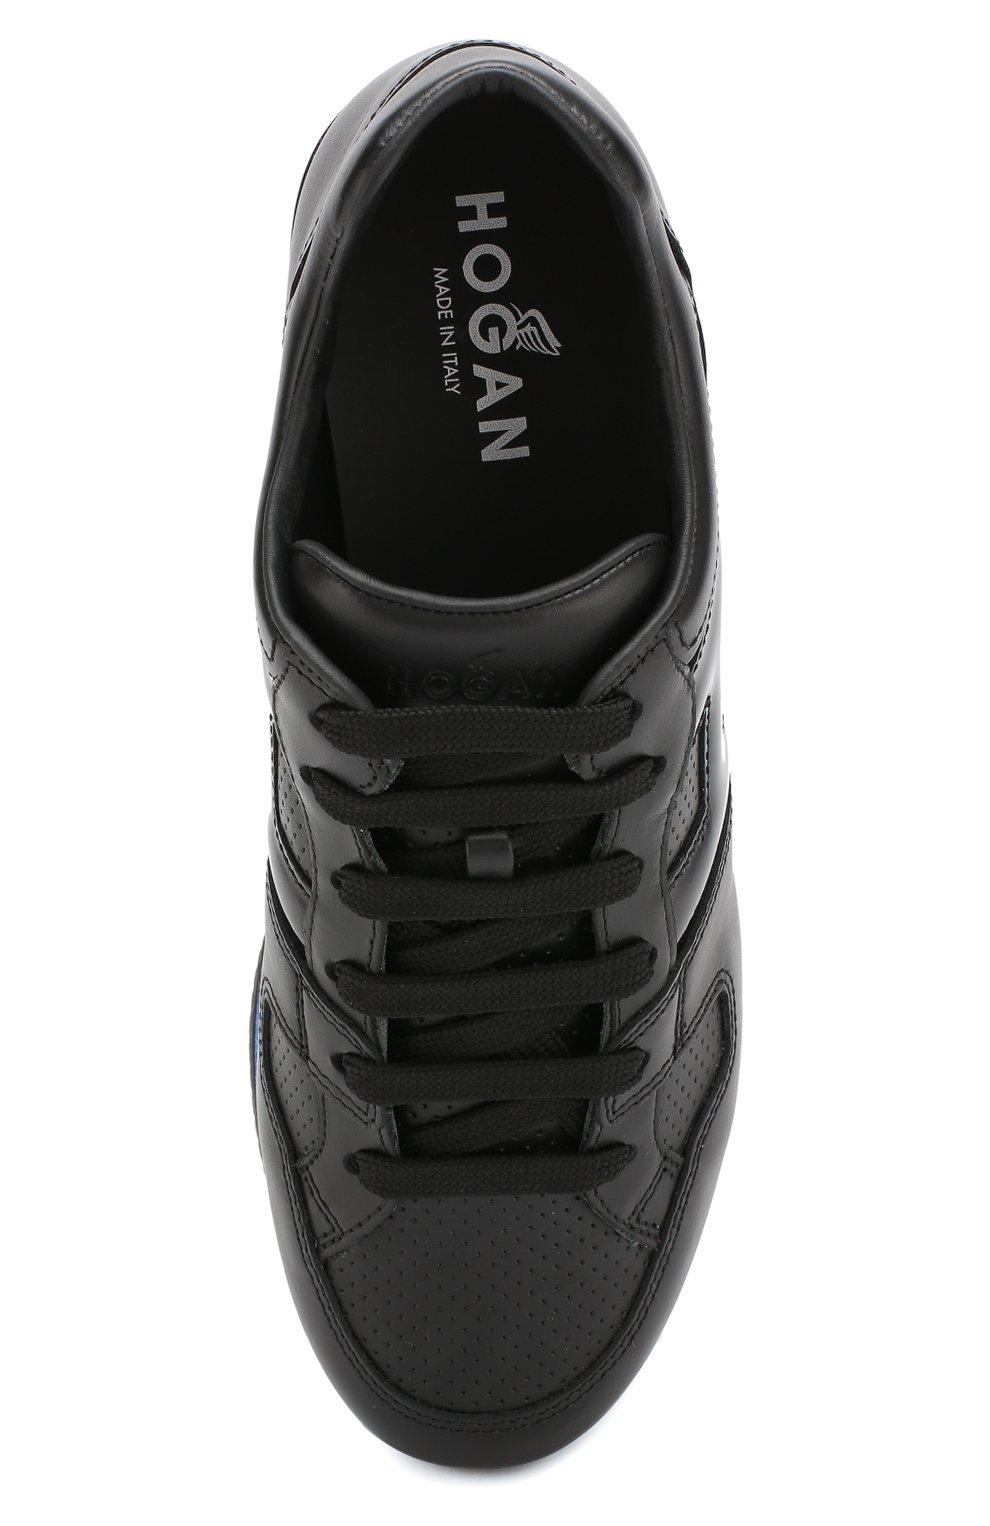 c25f8a12 Женские черные кожаные кроссовки на платформе с глиттером HOGAN ...